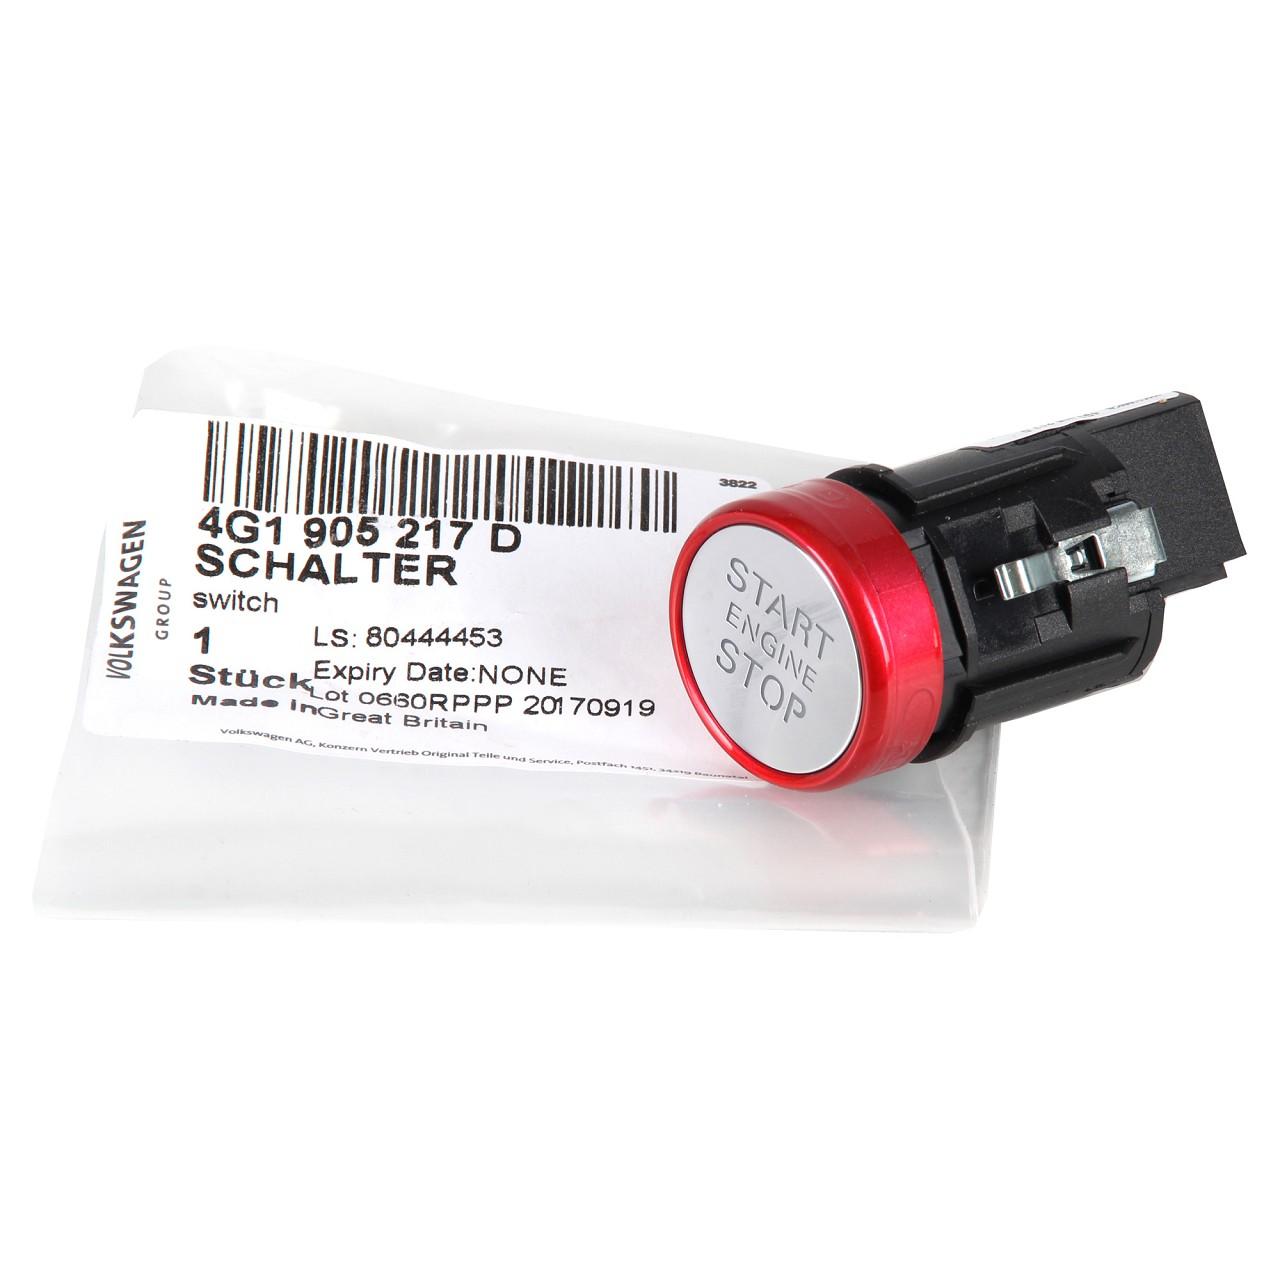 ORIGINAL Audi Start-Stop Schalter A6 S6 RS6 (4G C7) A7 S7 RS7 (4G) 4G1905217D